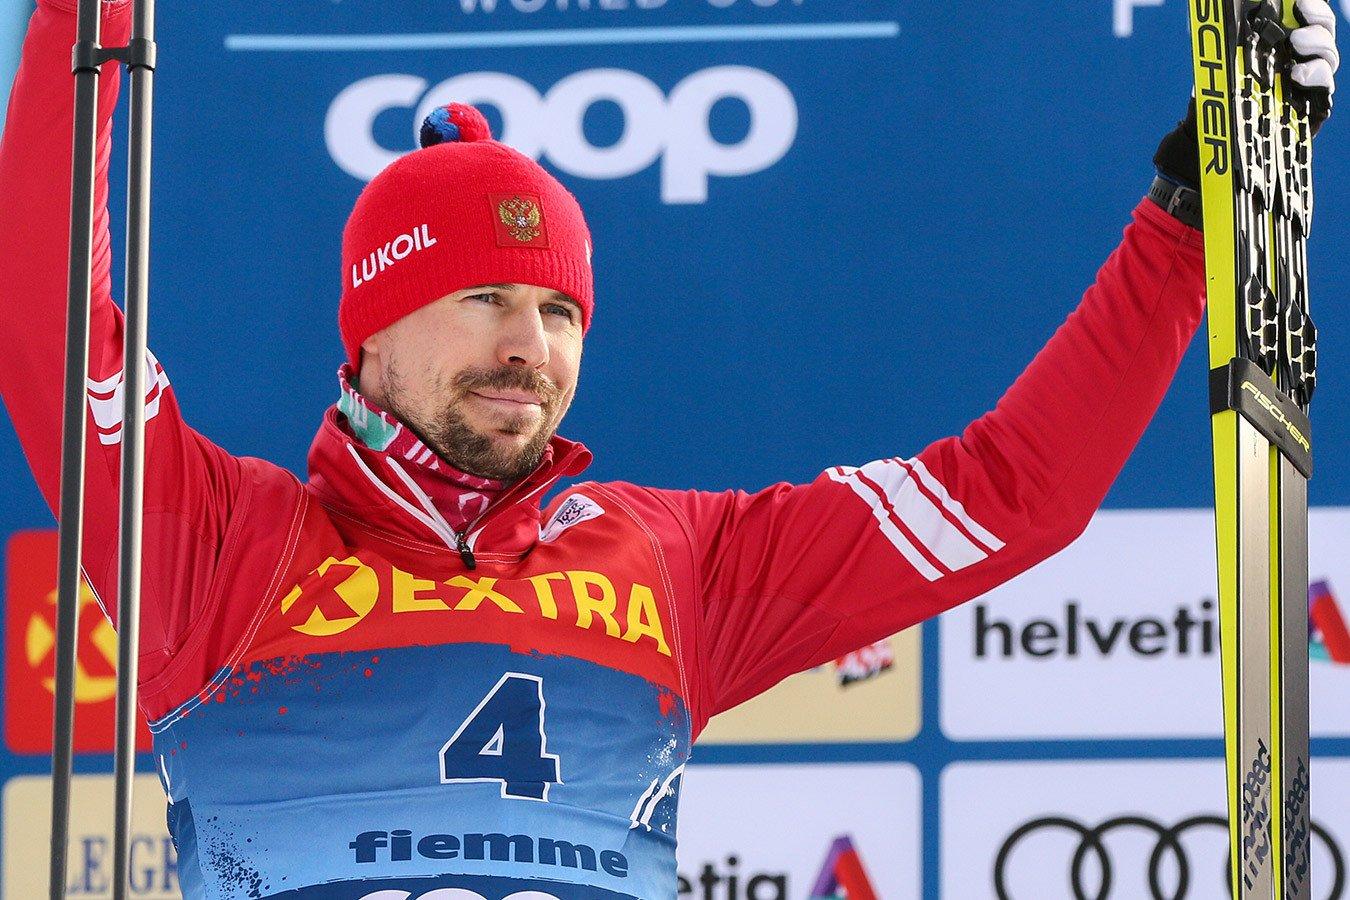 Сергей Устюгов: могу зайти поболтать к любому спортсмену в сборной. Но не к Большунову